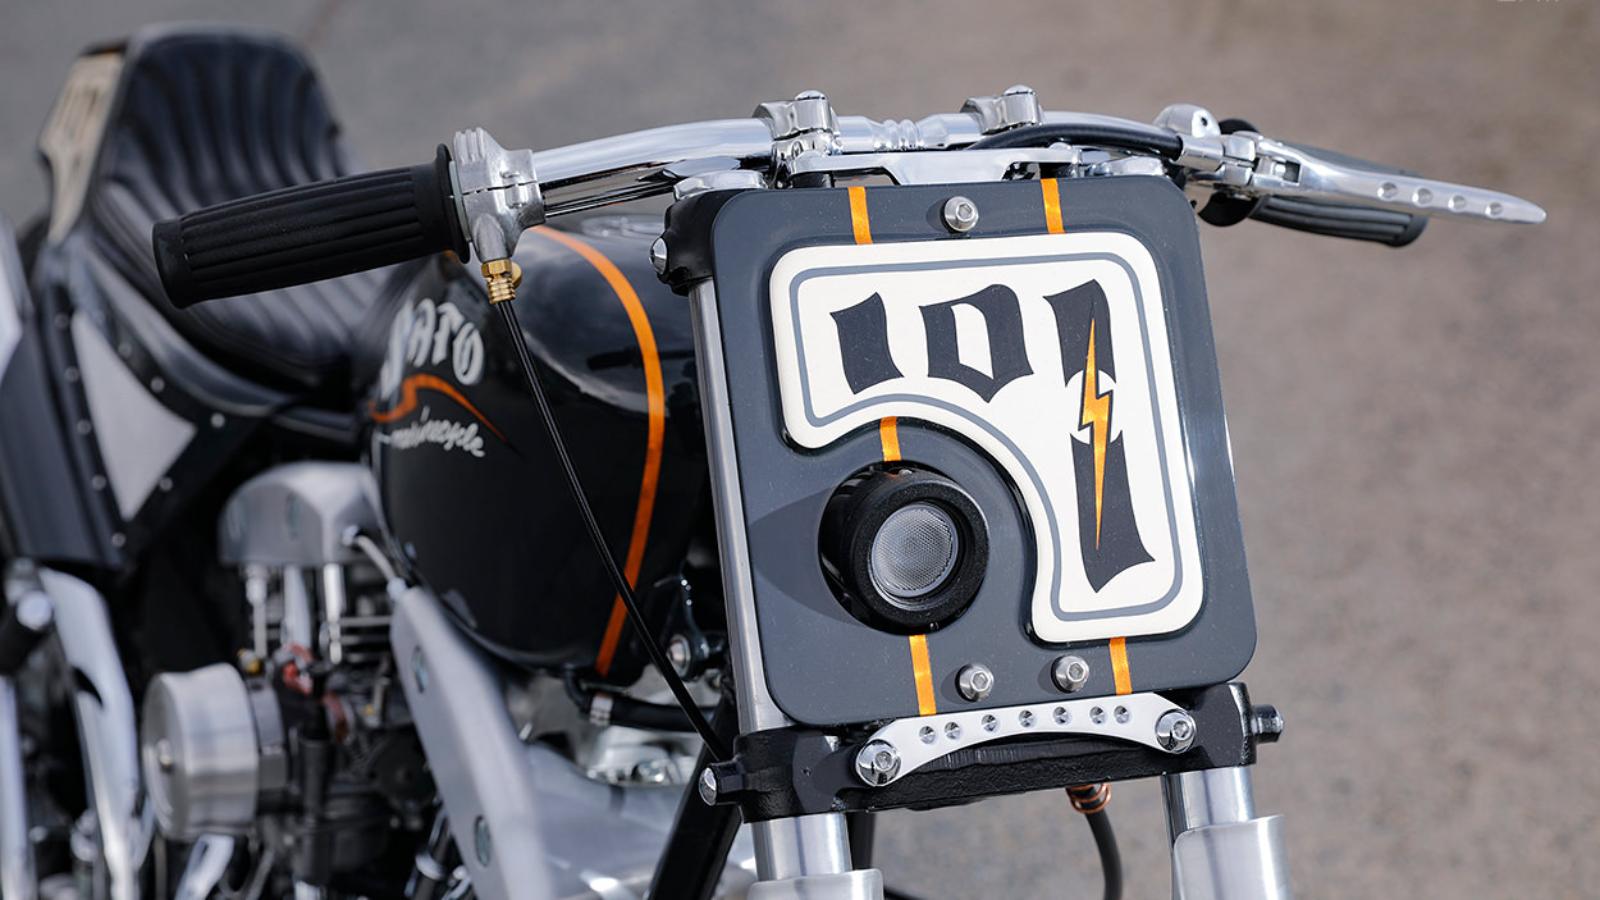 1968 Harley Shovelhead by Sato Marine